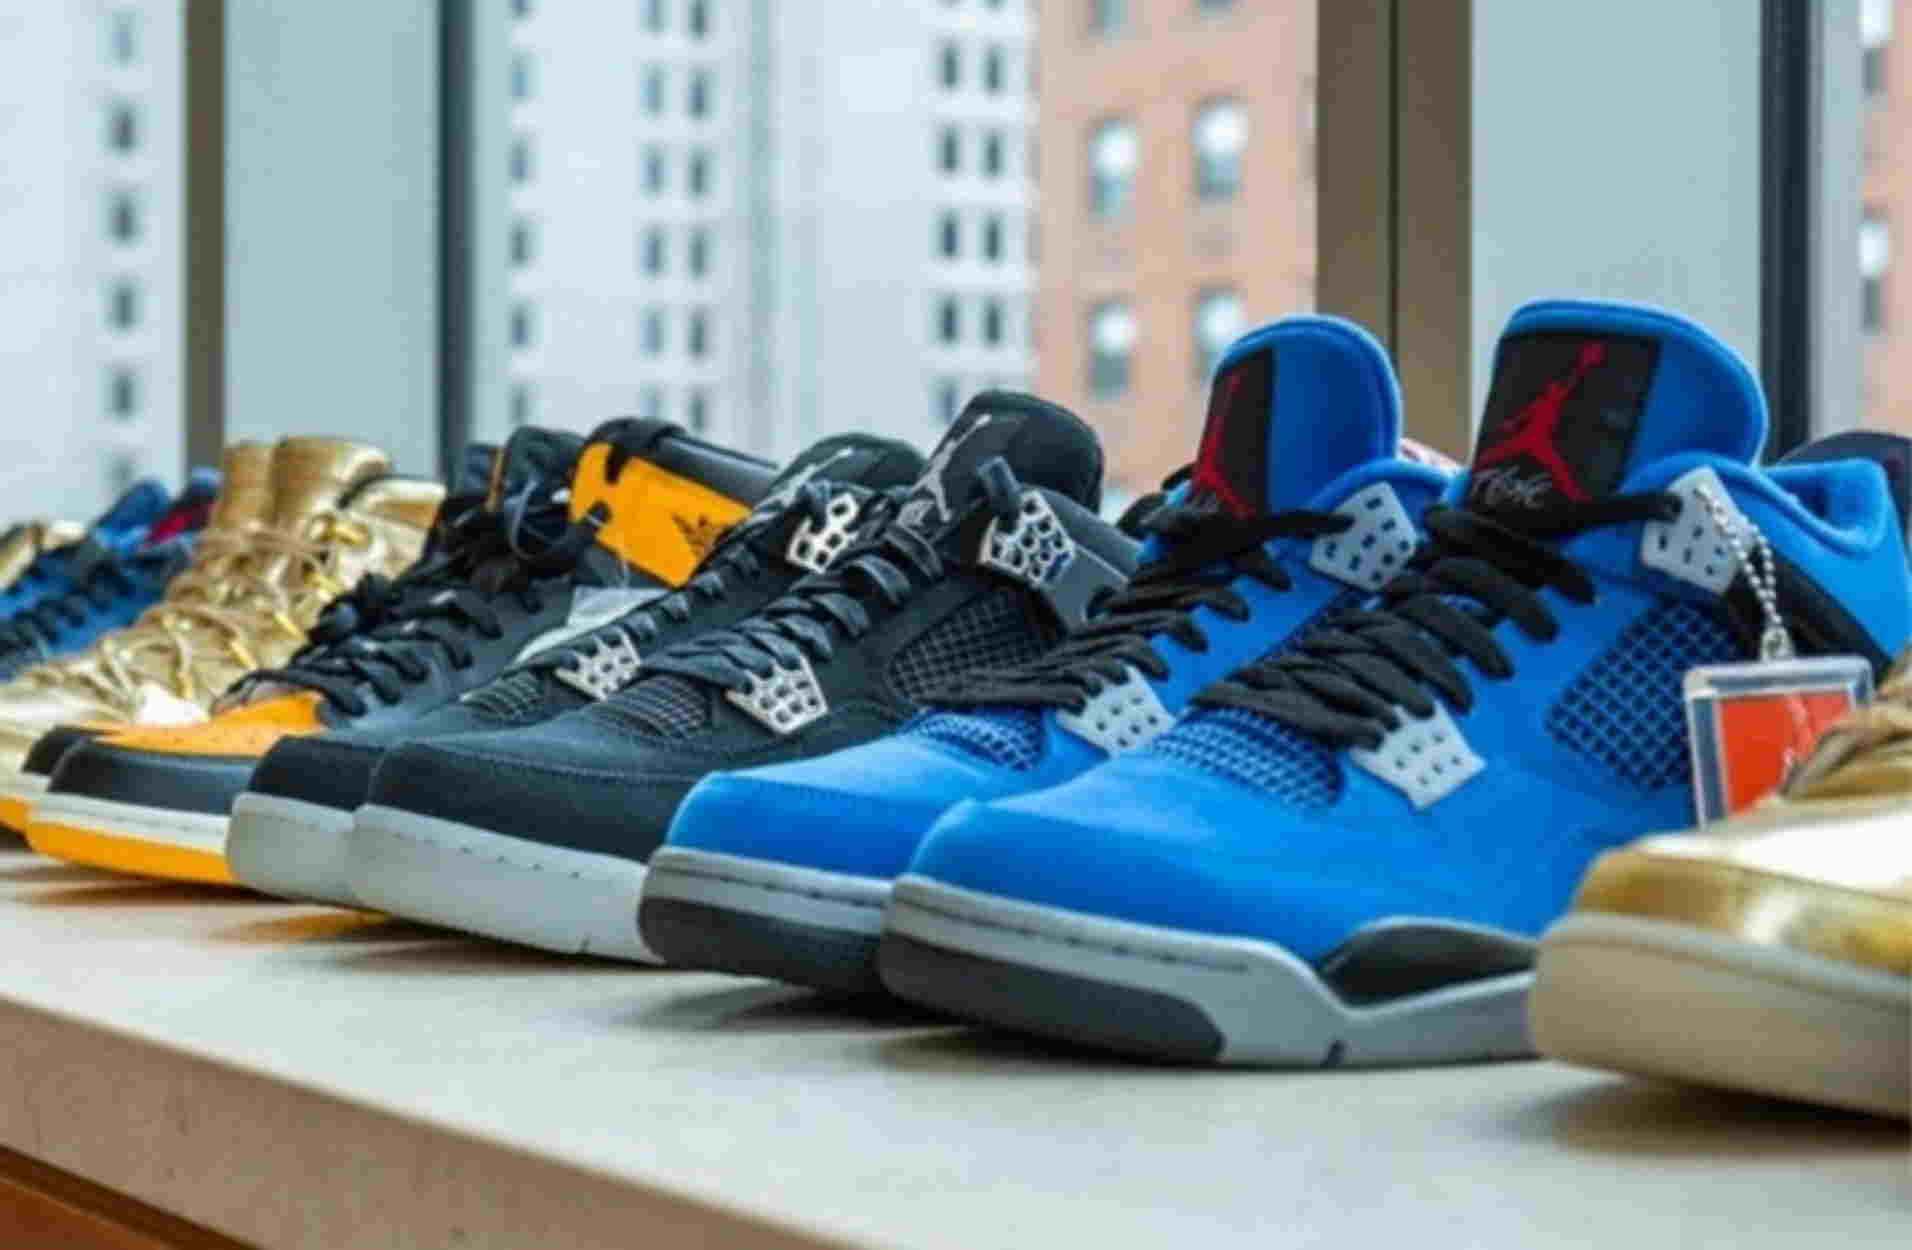 Δείτε τα 50 από τα πιο σπάνια sneakers της Nike που παράχθηκαν ποτέ!